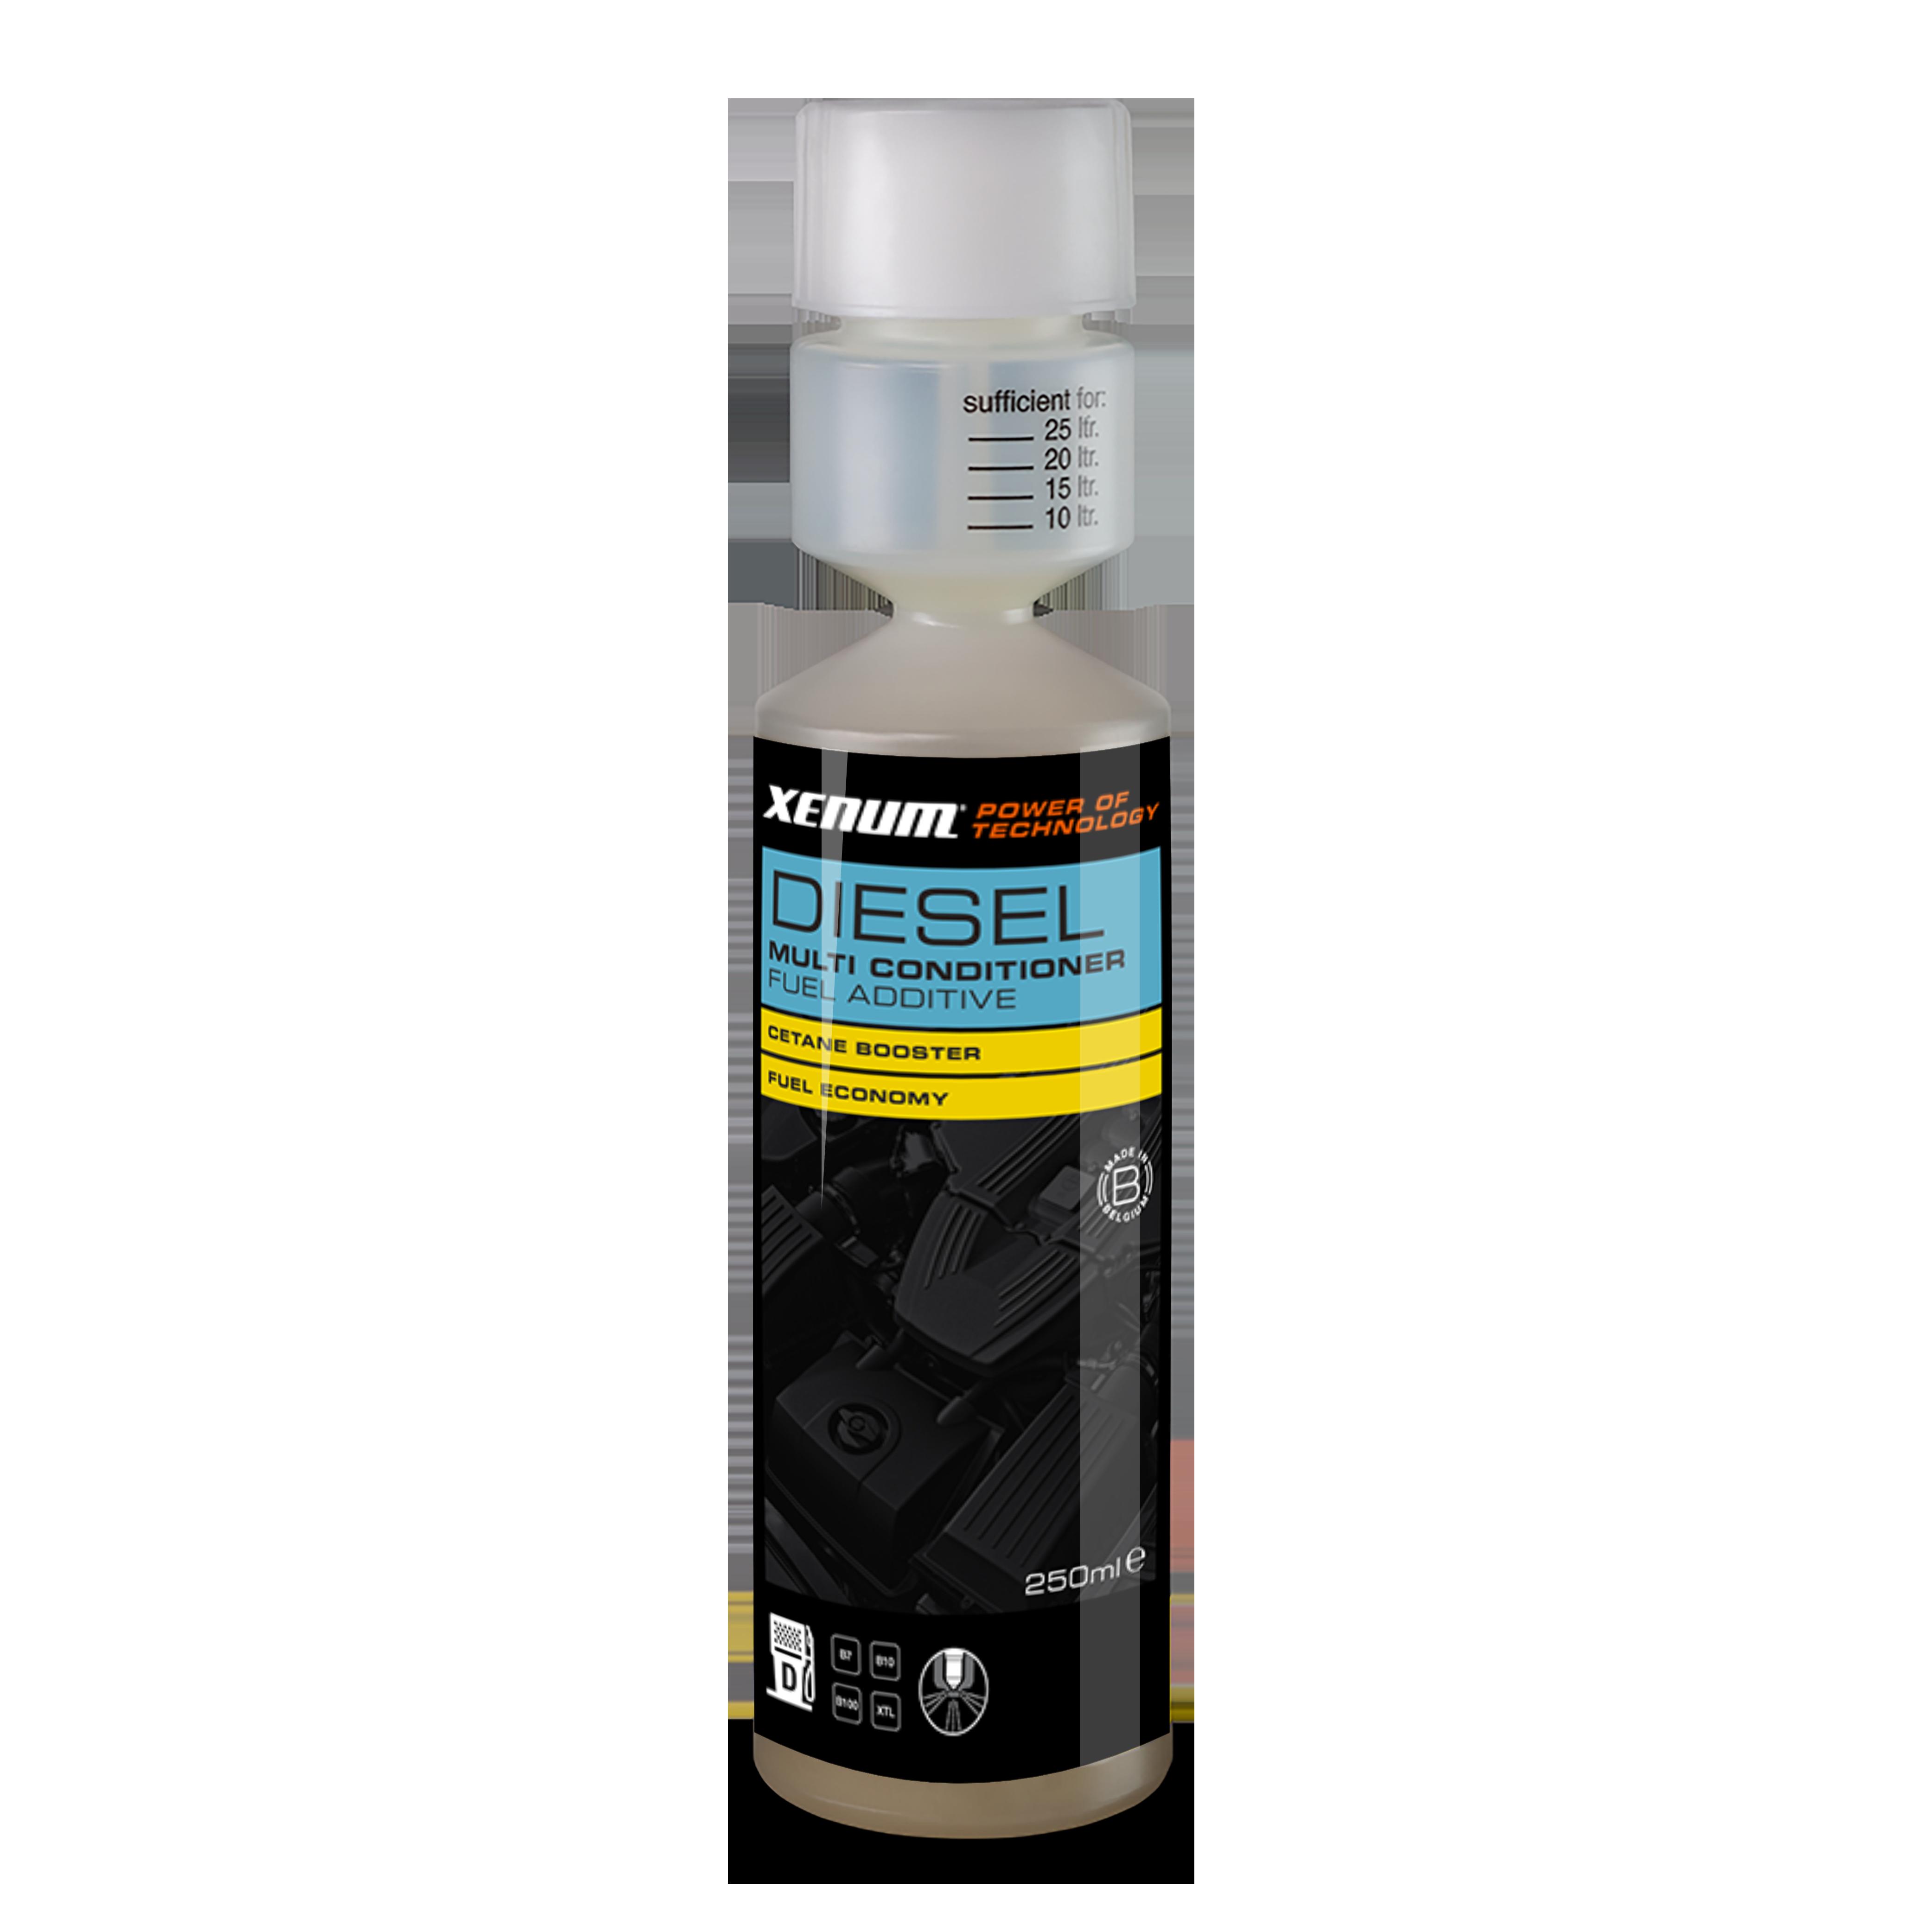 Diesel Multi Conditioner - 250ml